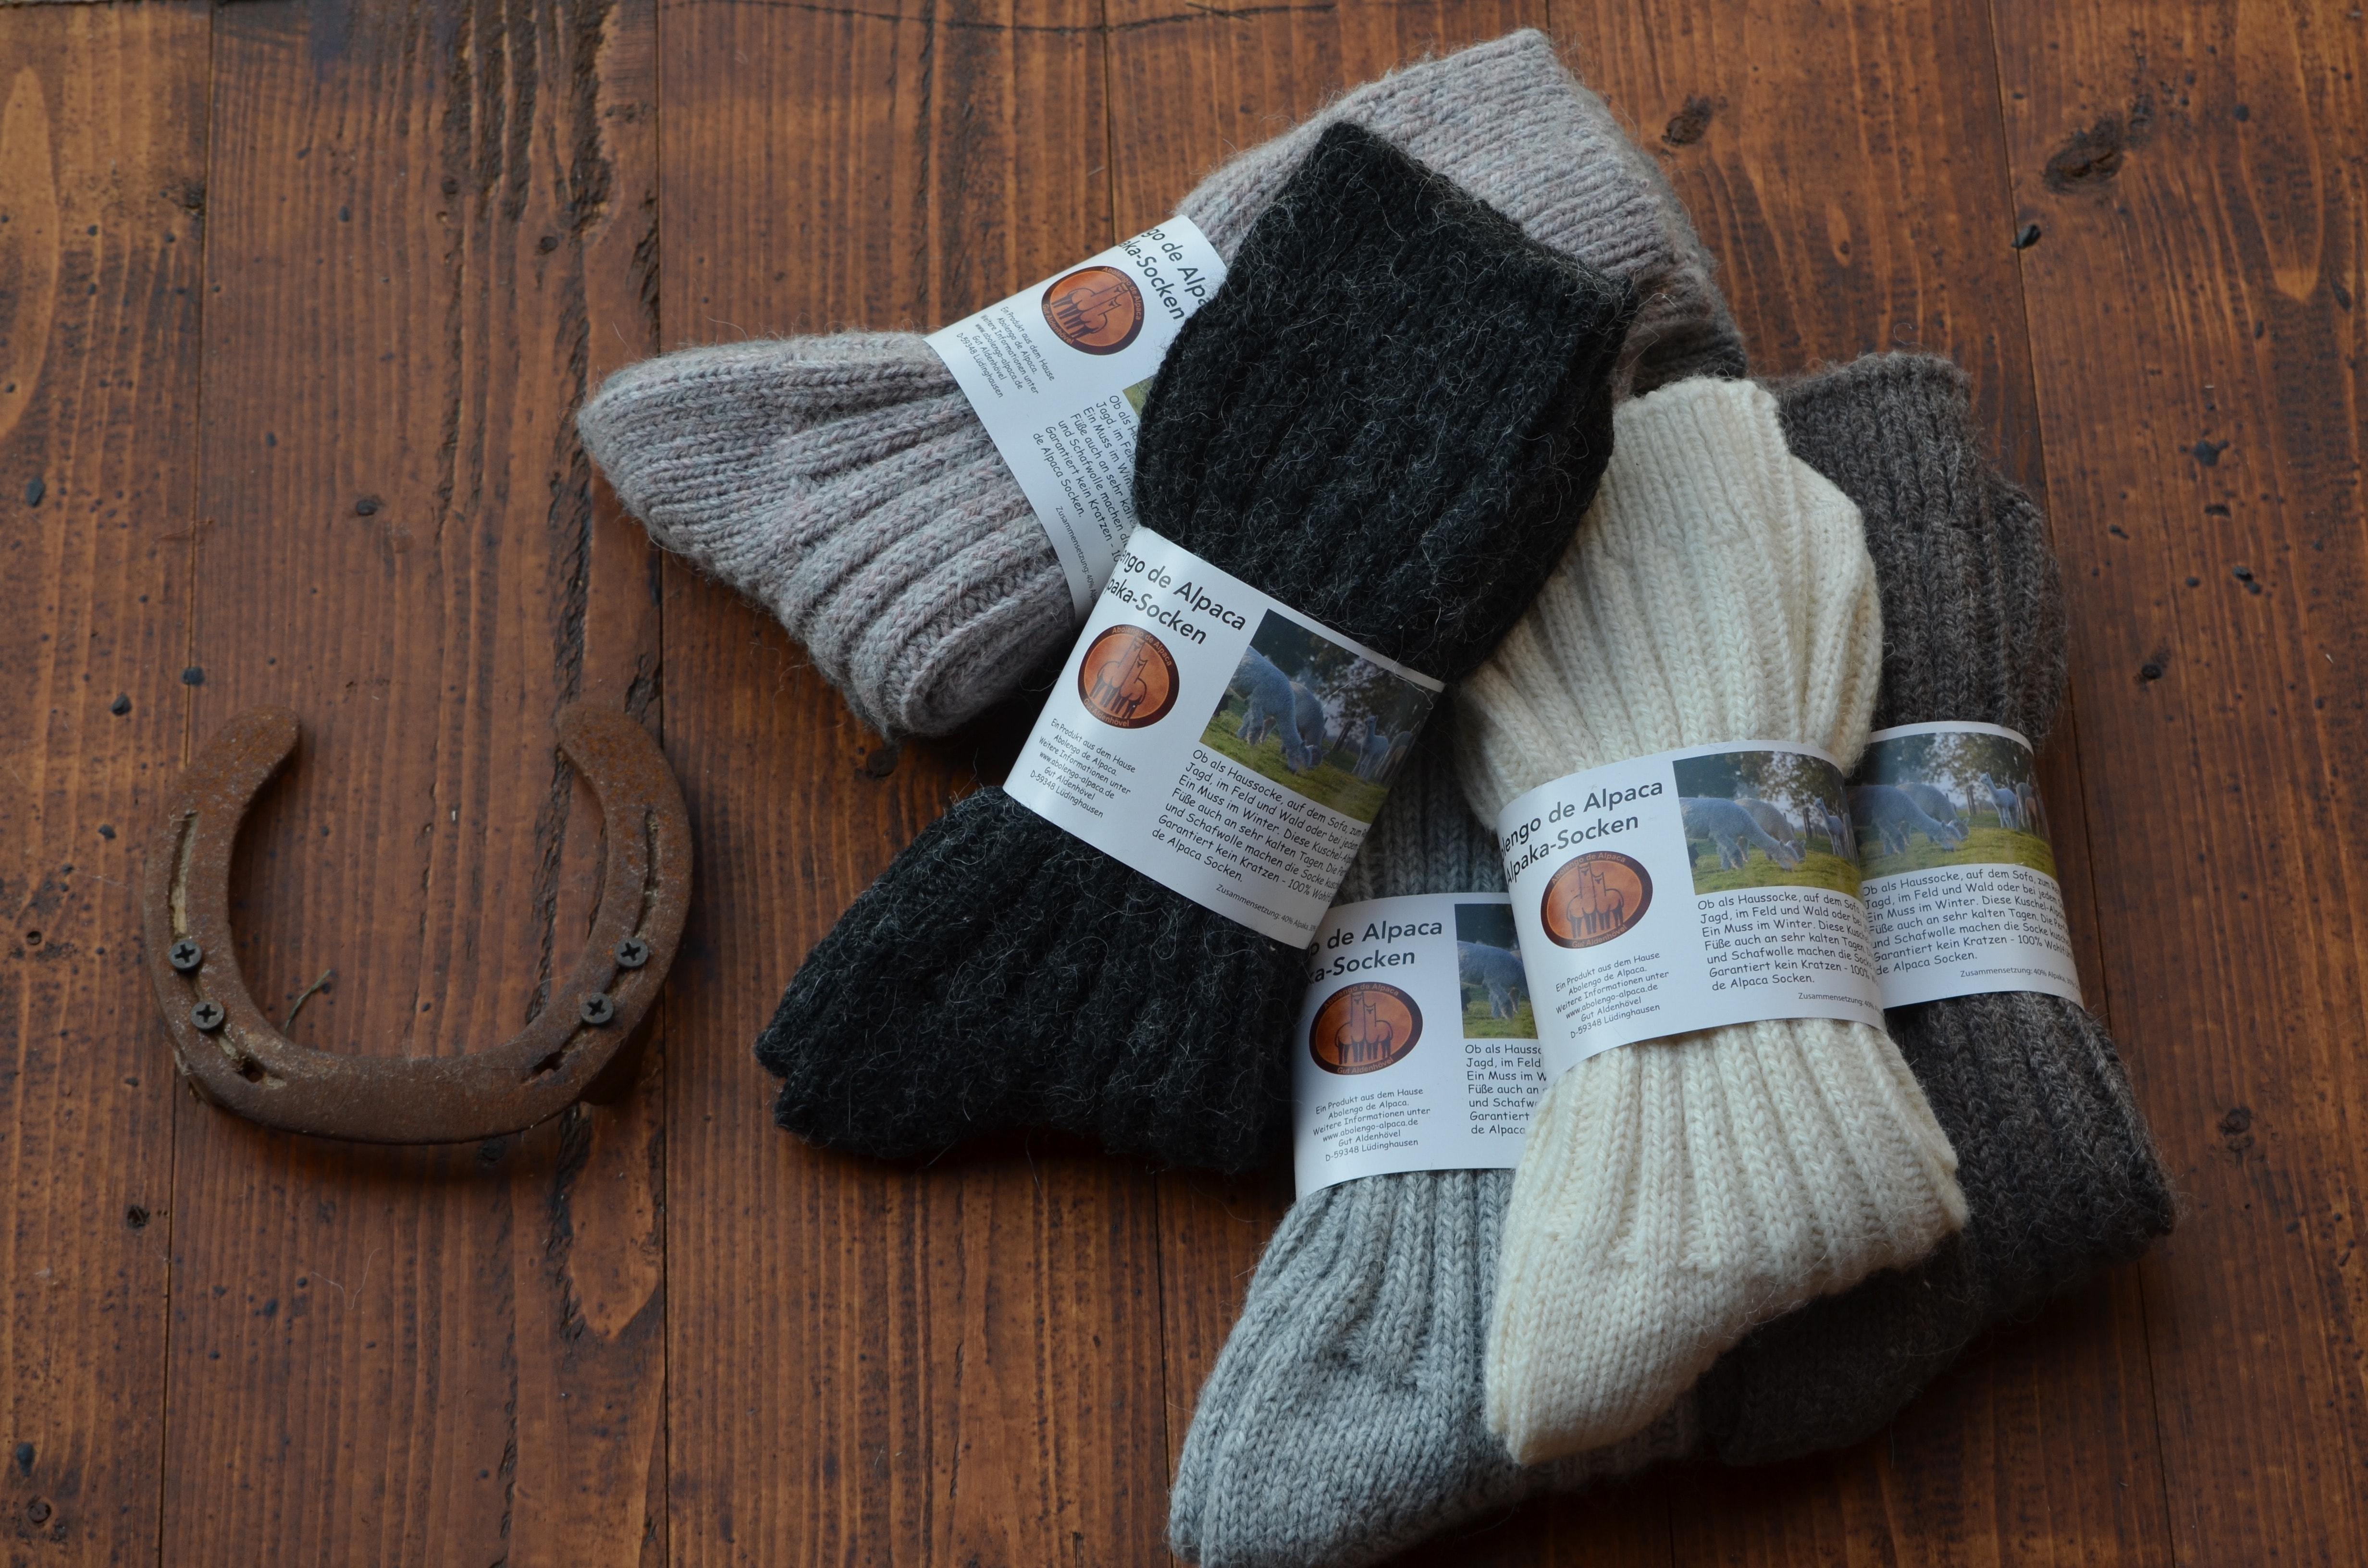 Alpaka Socken - Abolengo de Alpaca